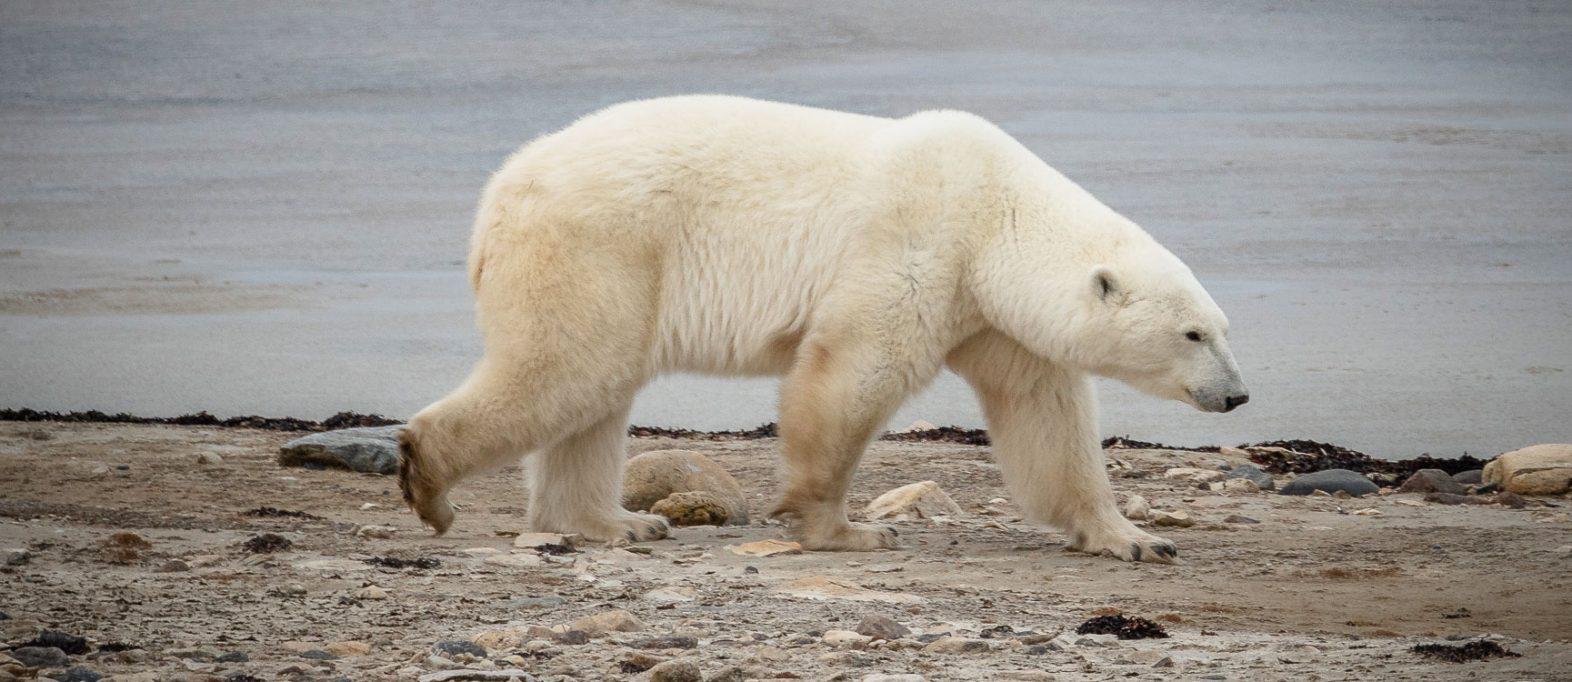 Eisbären Churchill Manitoba